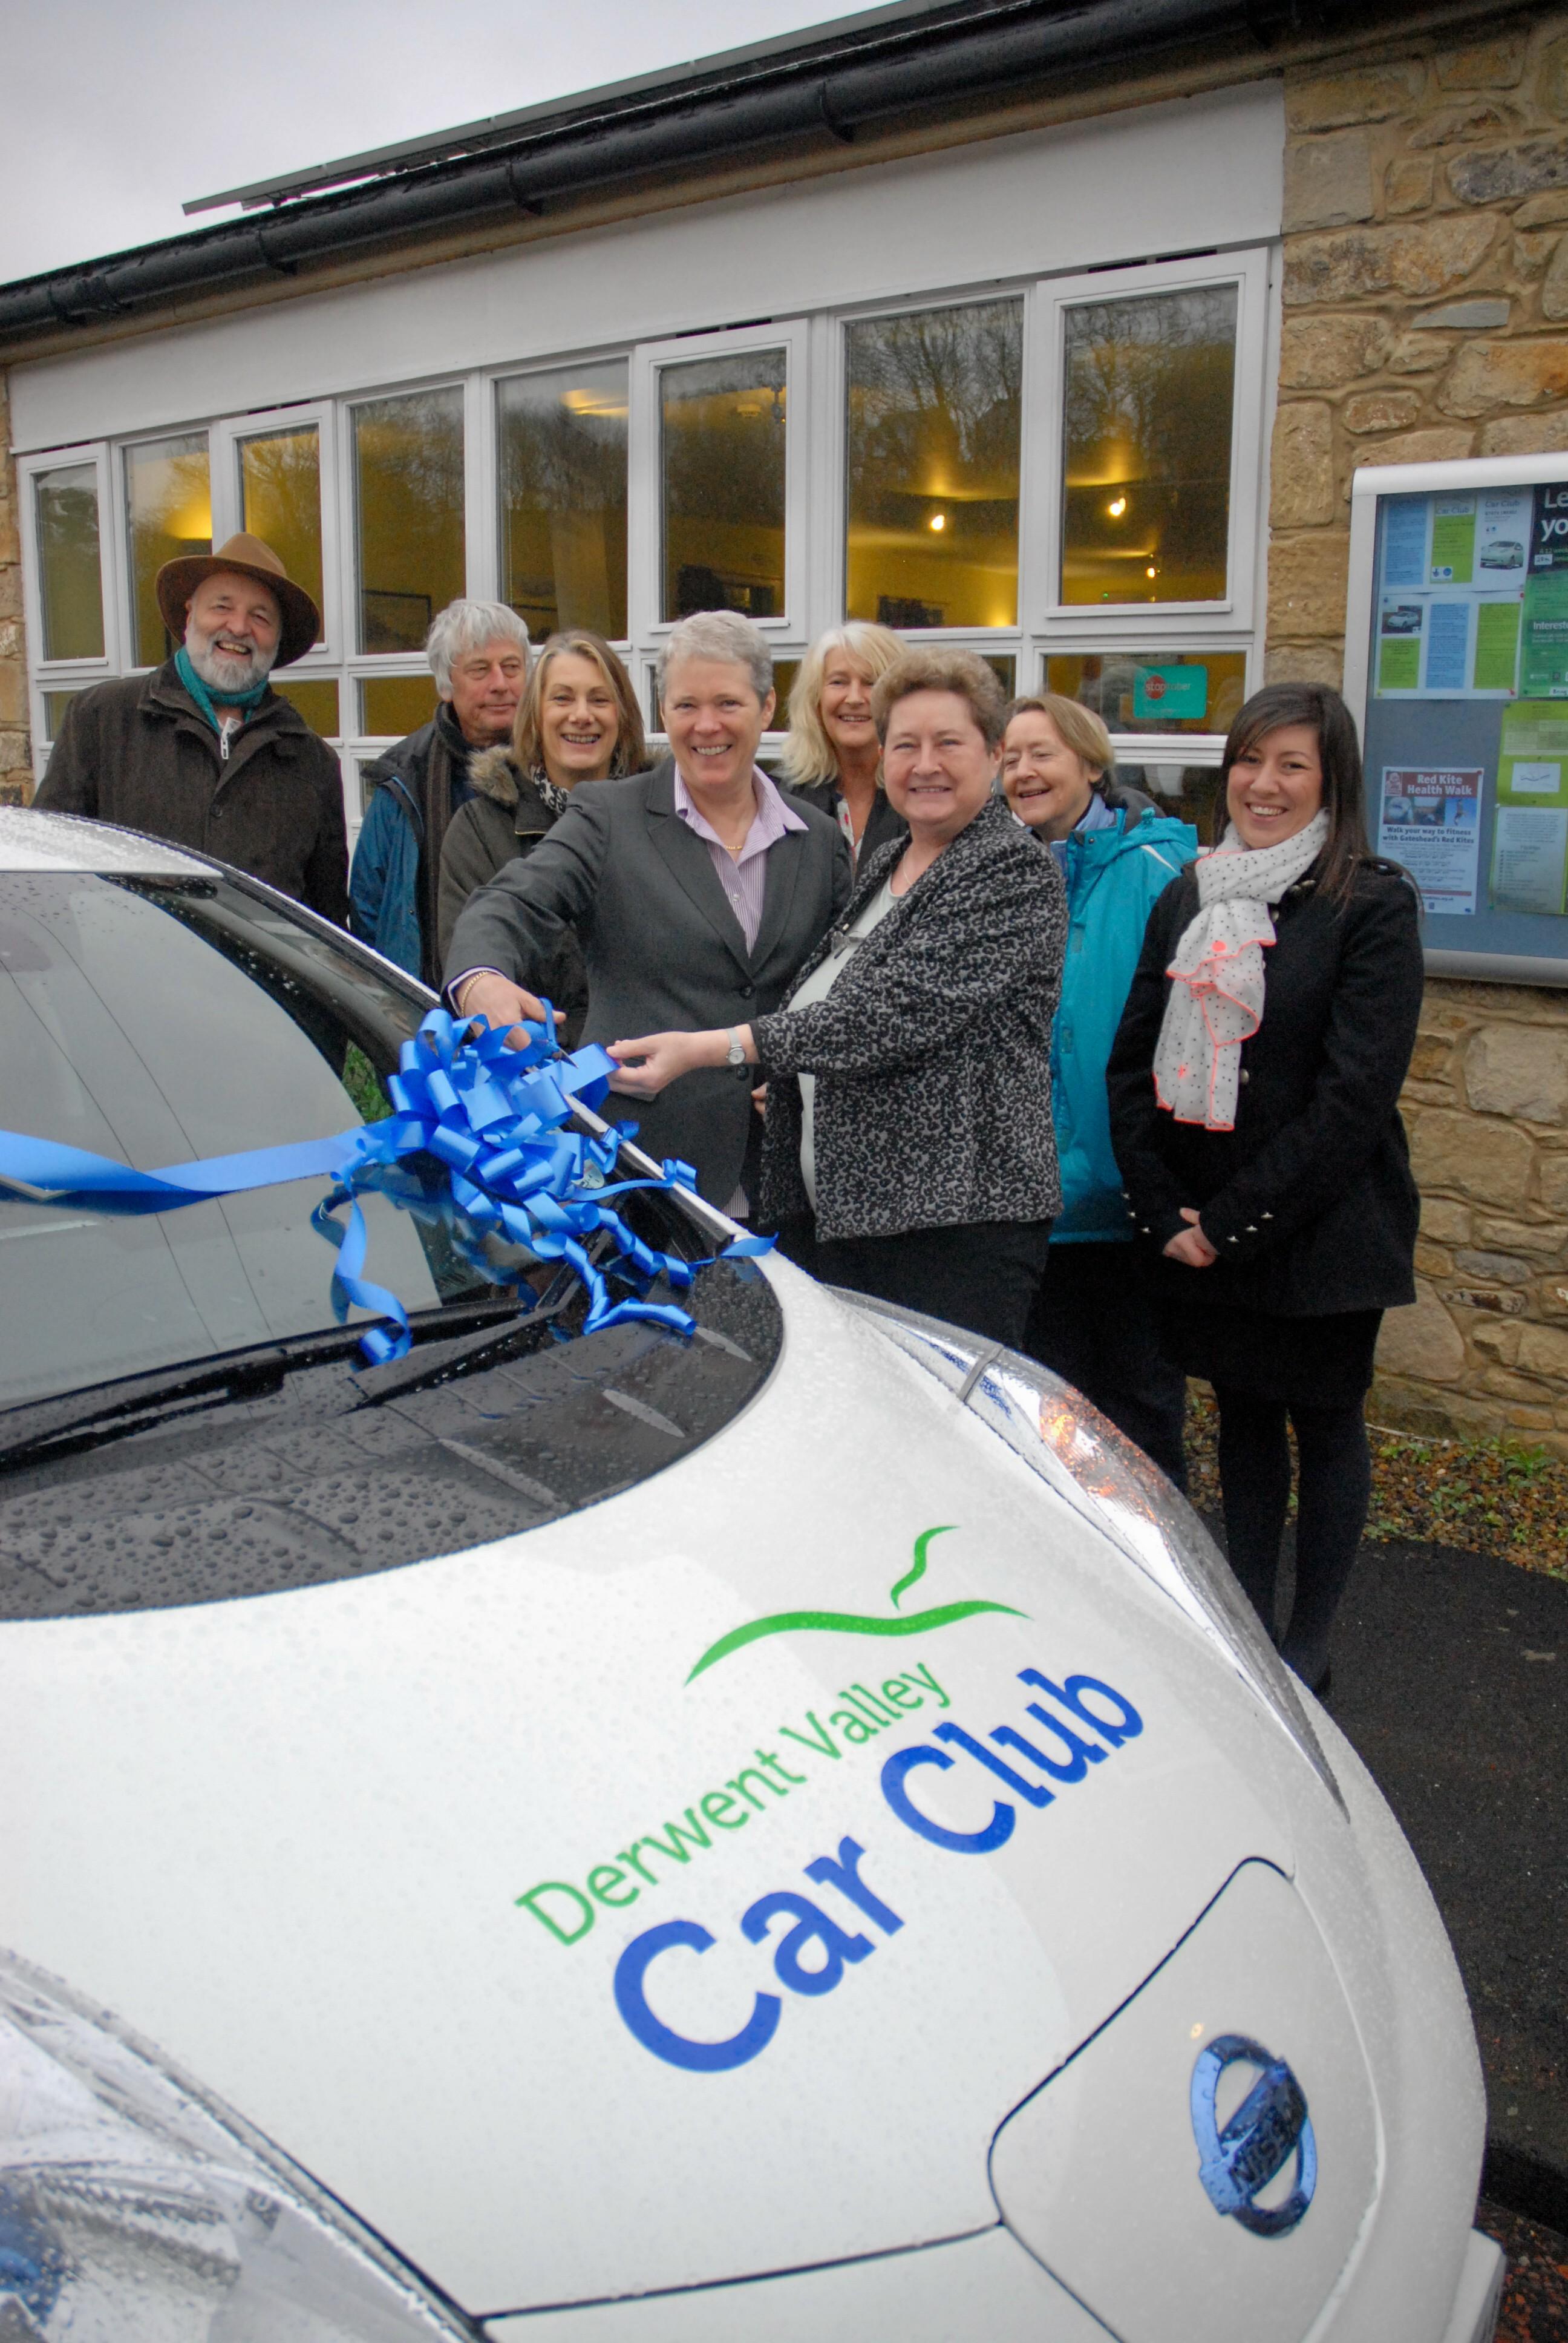 Derwent Valley Car Club